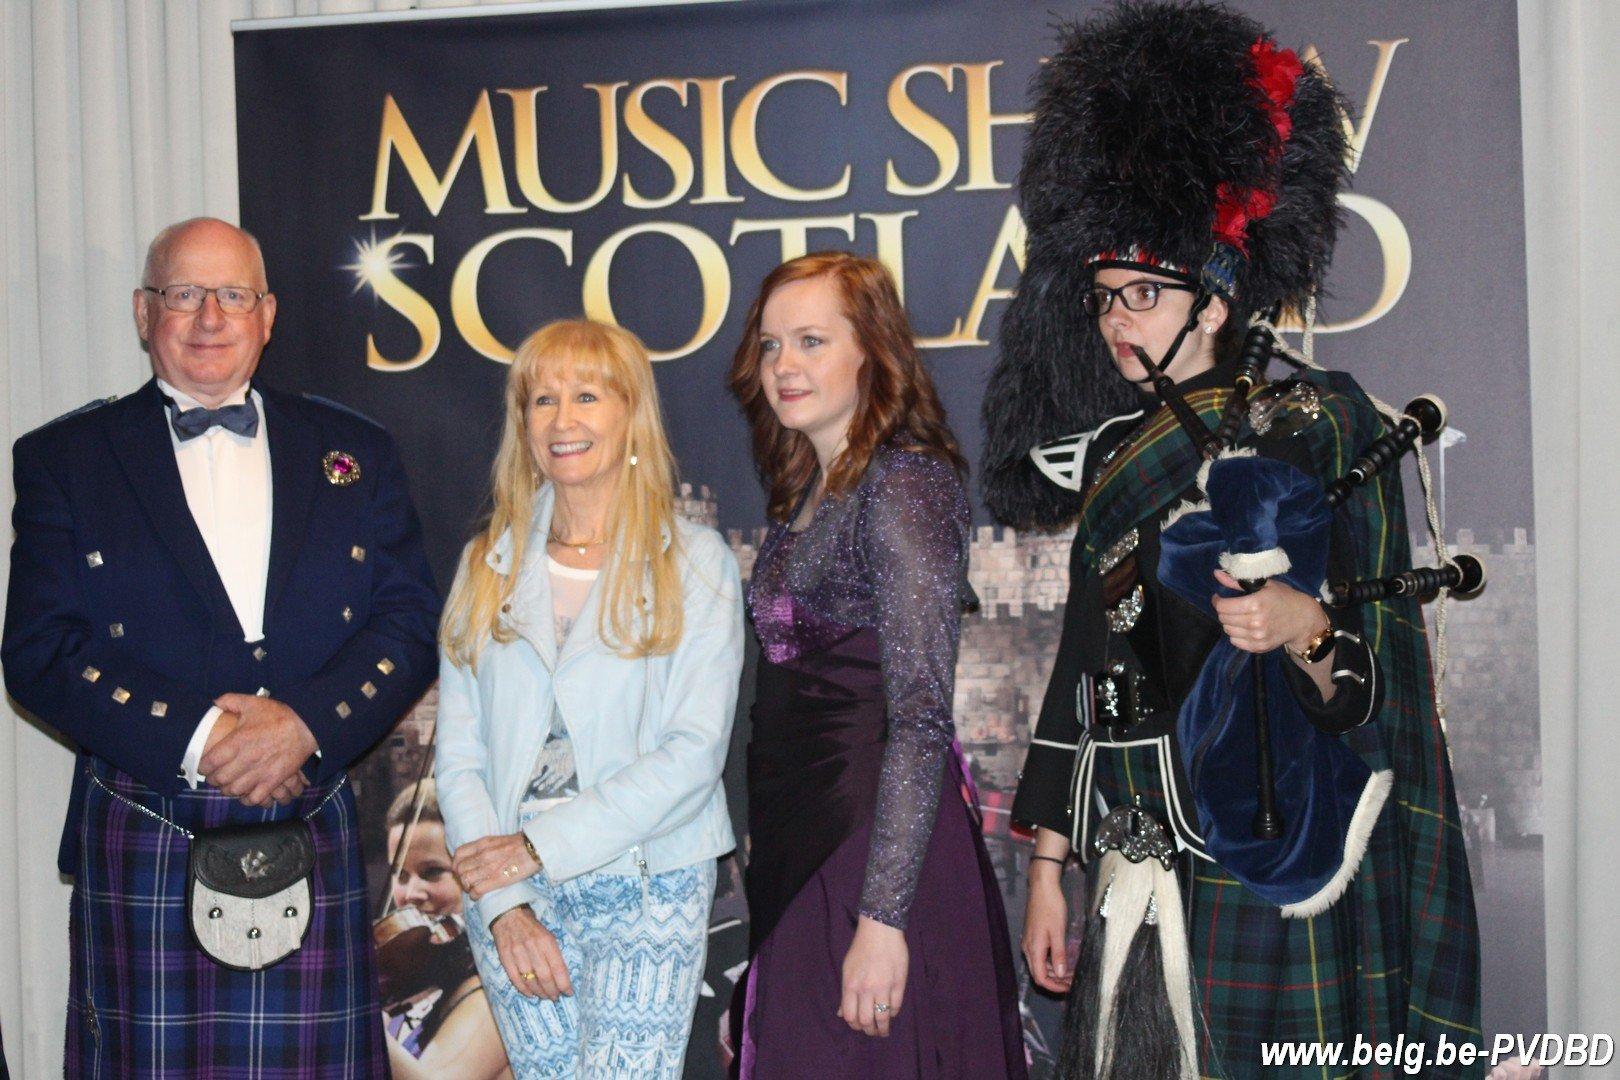 Micha Marah en Music Show Scotland animeren op kusttram - IMG 8120